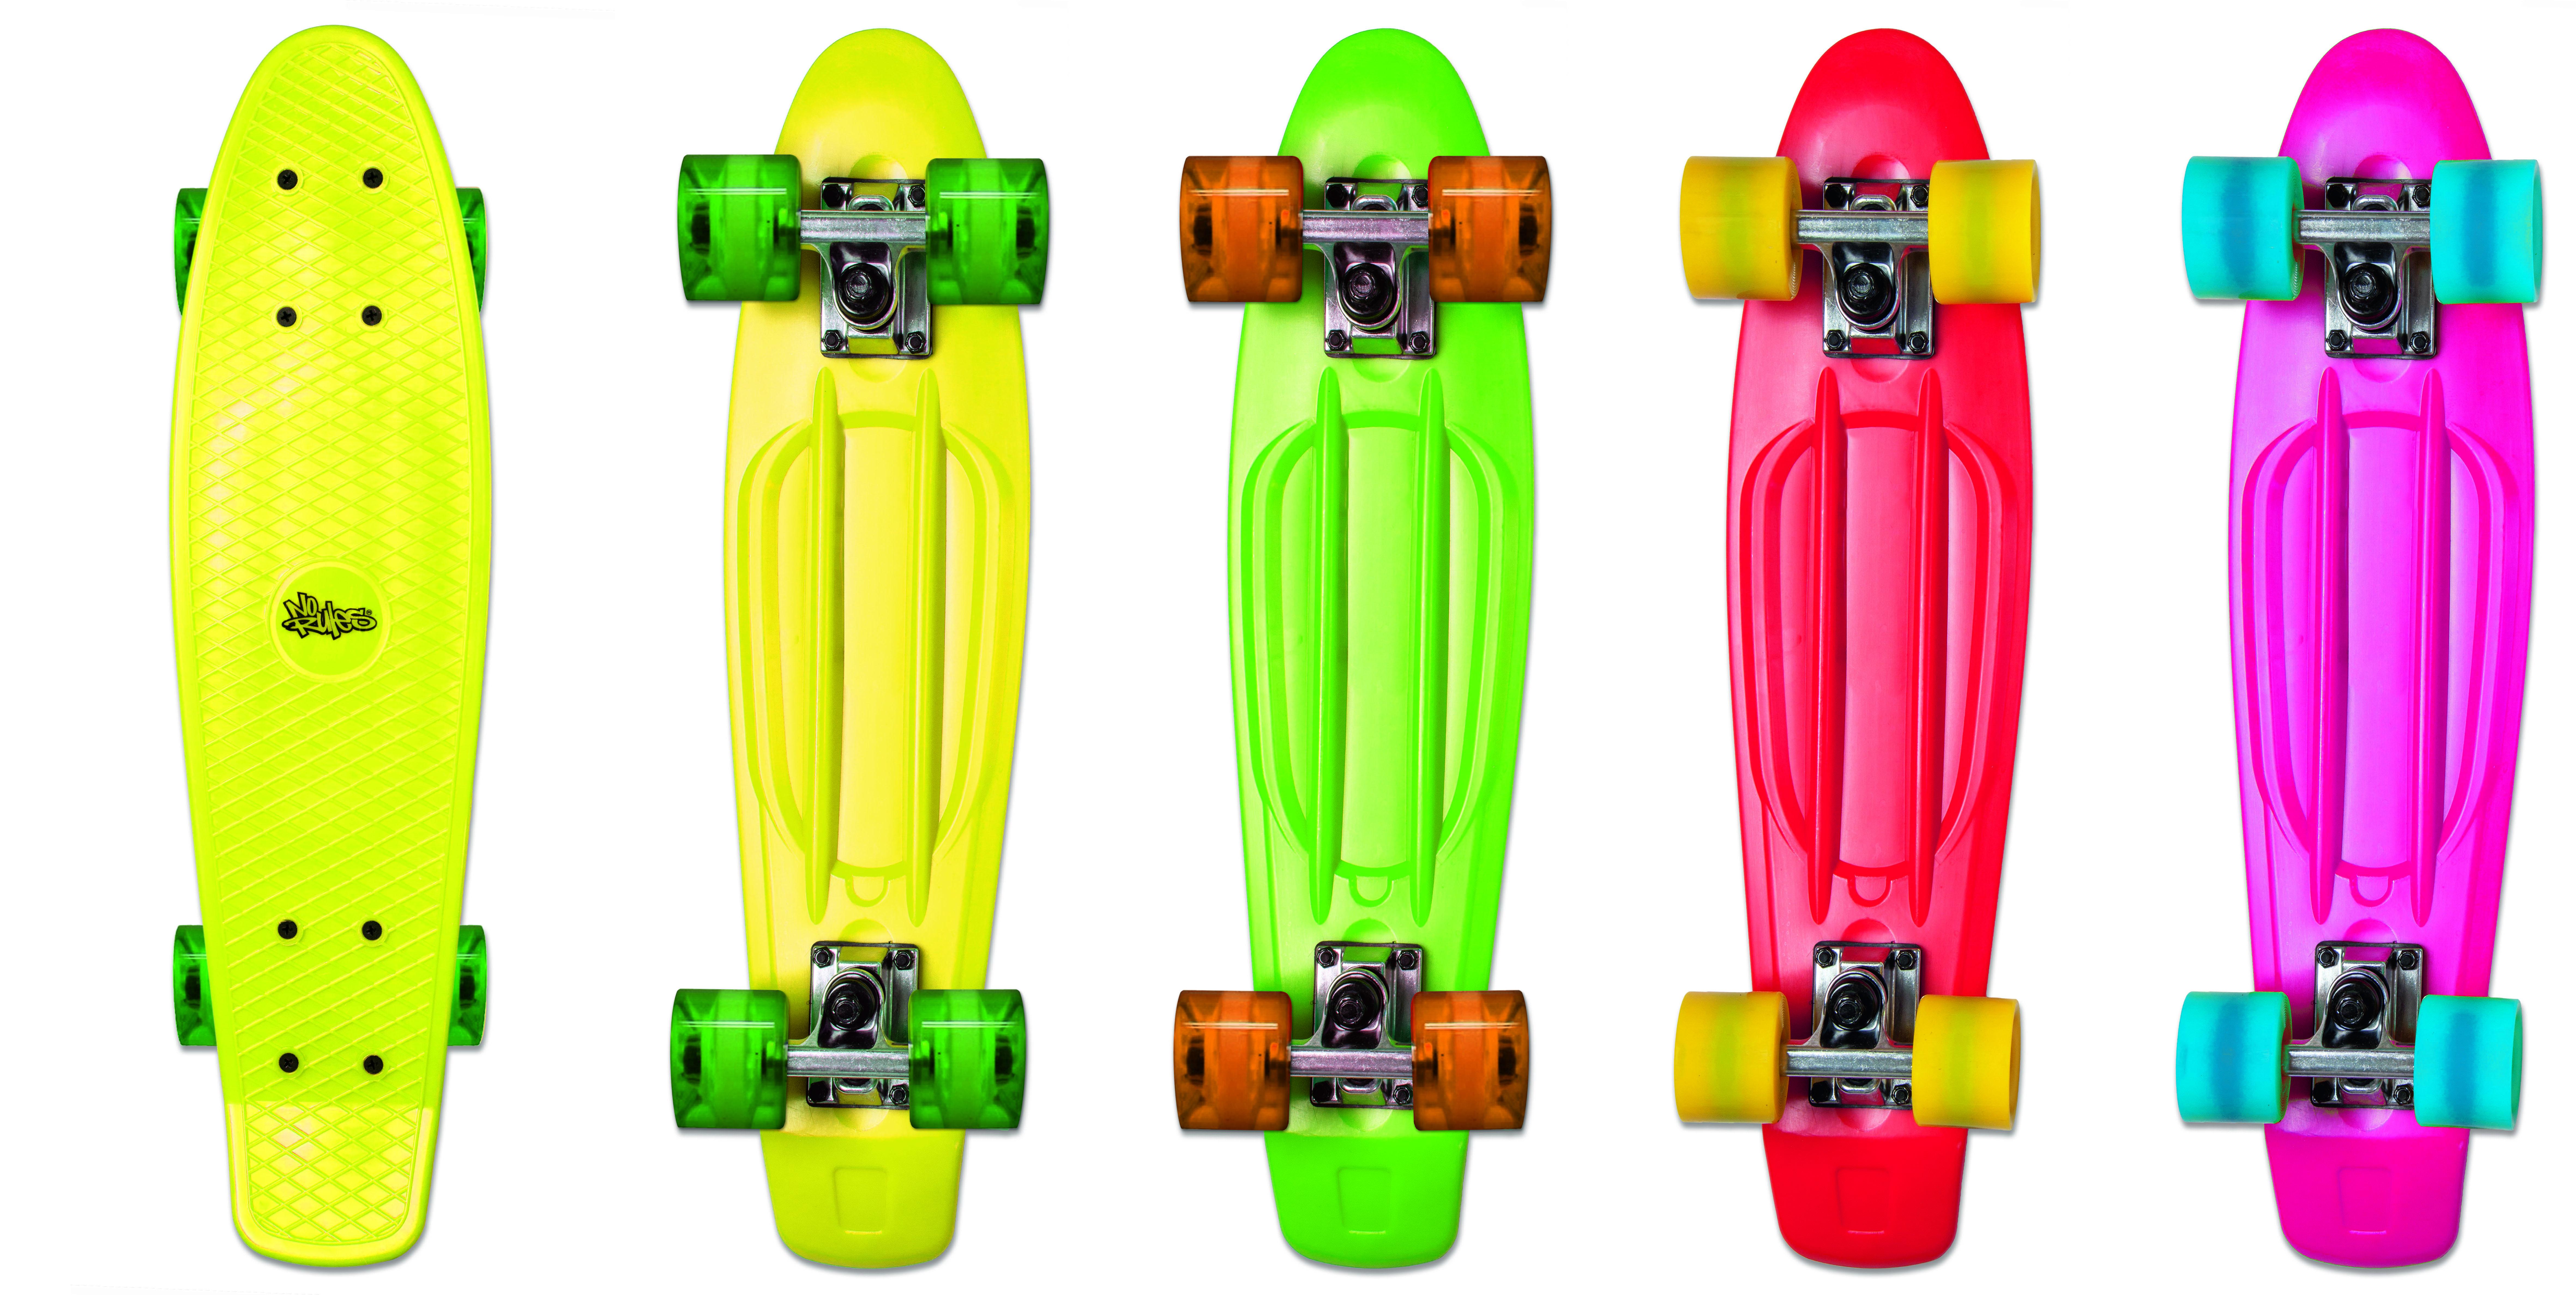 No Rules Skateboard fun skrituļdēlis (zaļš, sarkans, dzeltens vai roz ) AU 294 Skrejriteņi